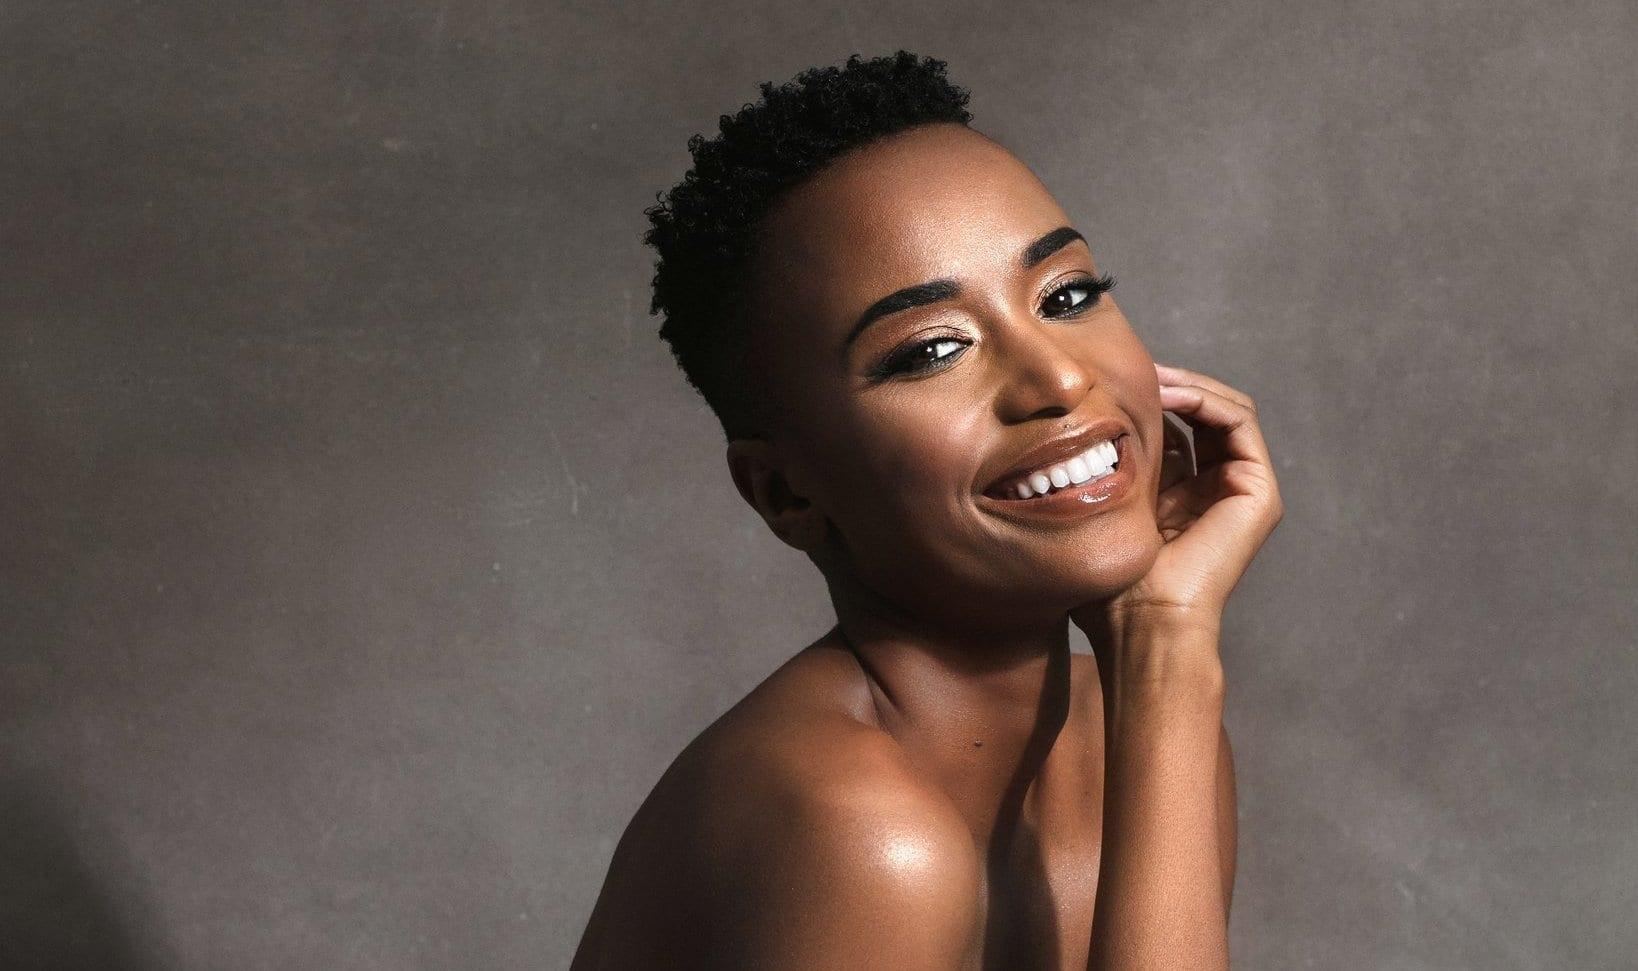 Zozibini Tunzi, quem é a Miss Universo 2019? Origem, carreira e lutas